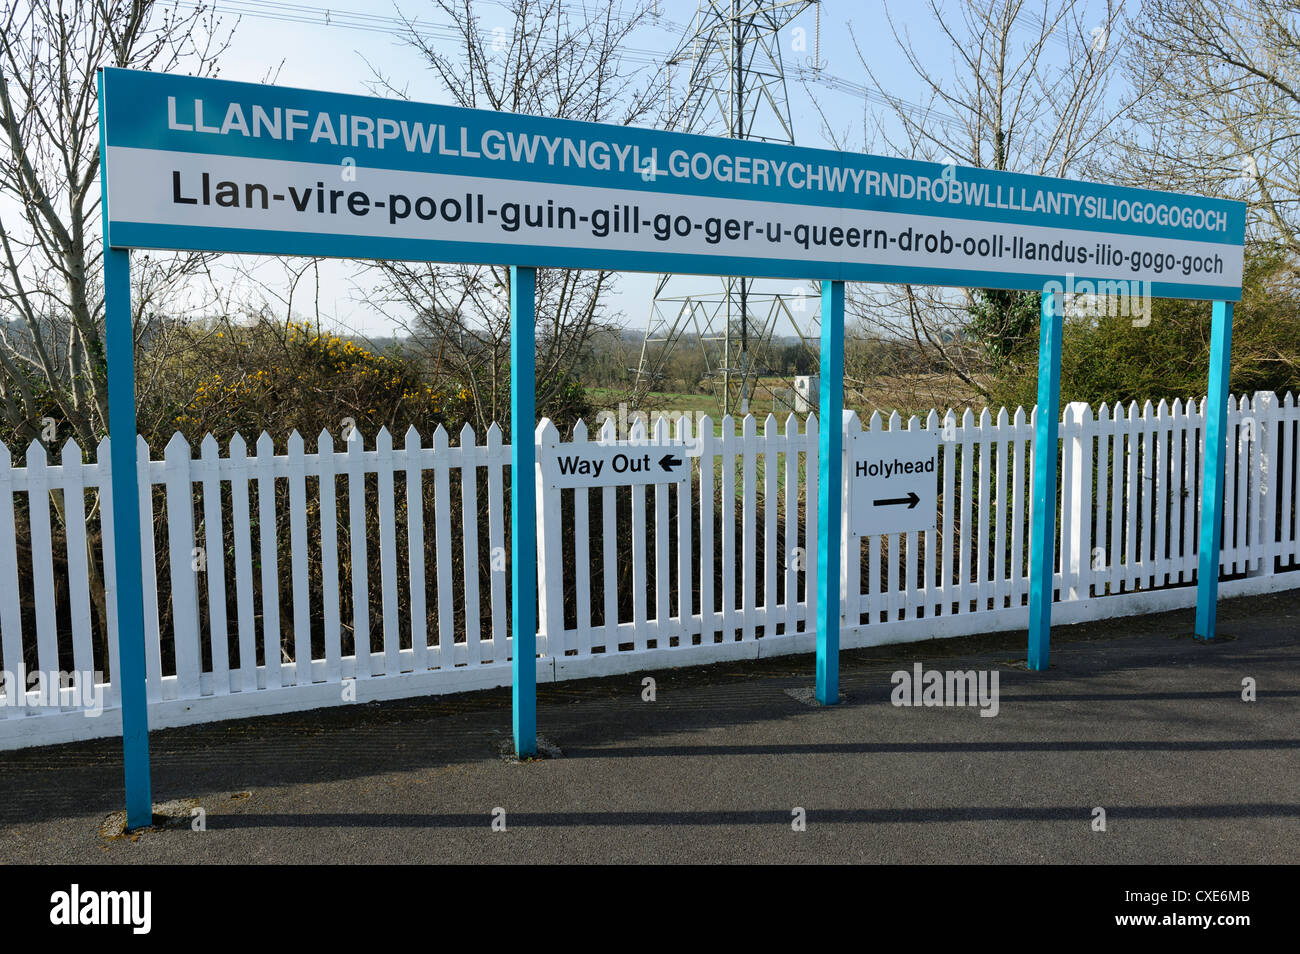 Station sign at Llanfairpwllgwyngyllgogerychwyrndrobwllllantysiliogogogoch, Llanfair PG, Anglesey, North Wales, - Stock Image